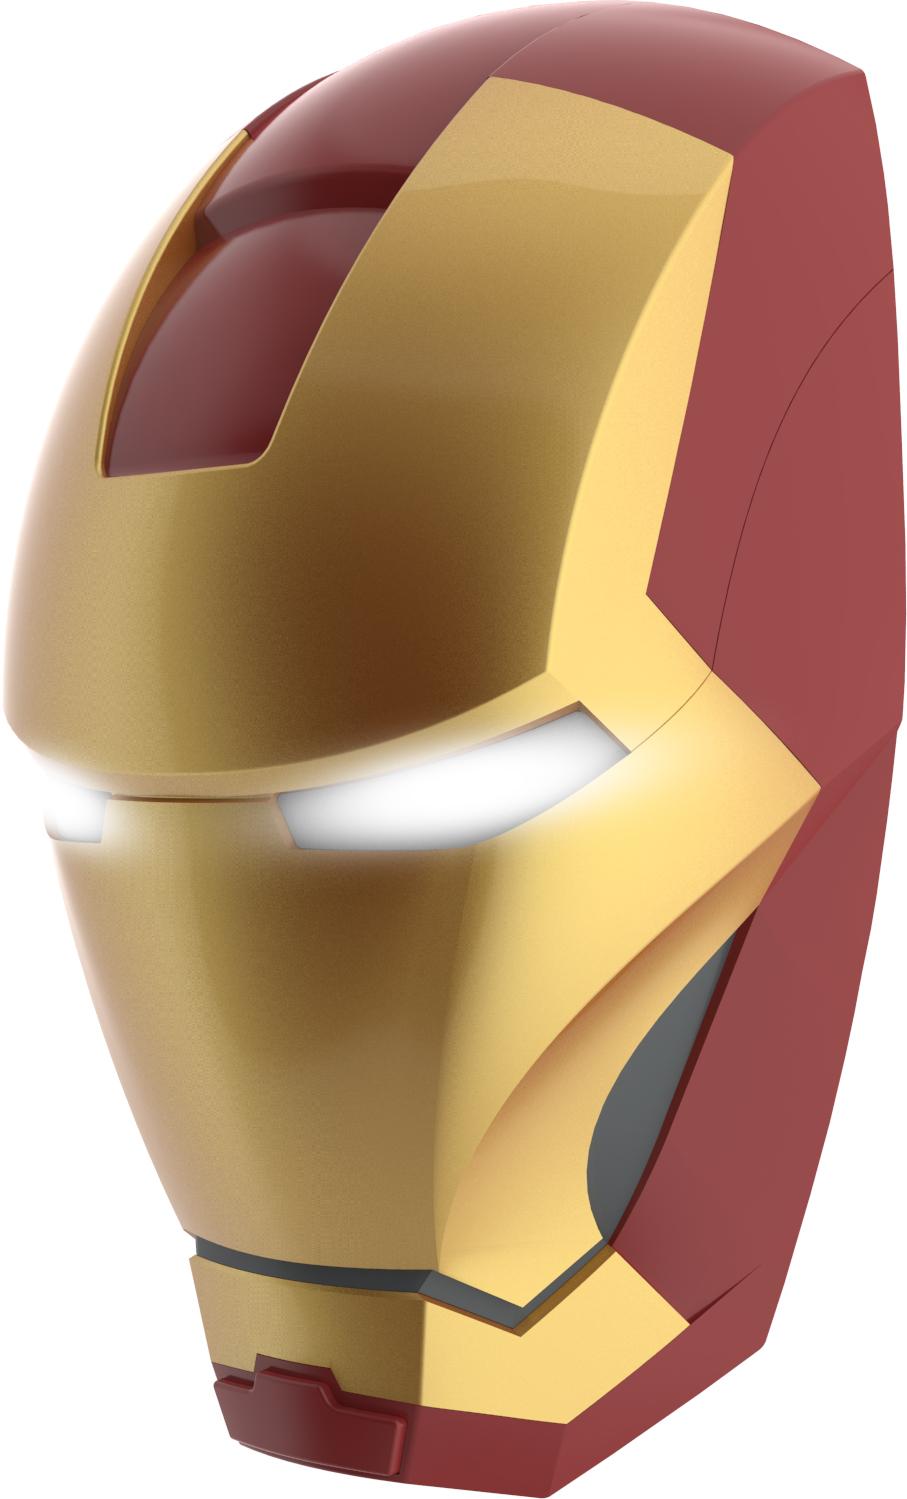 Marvel Led Philips Ironman 3d Tqcxrdsh Lampe Murale 7byfg6